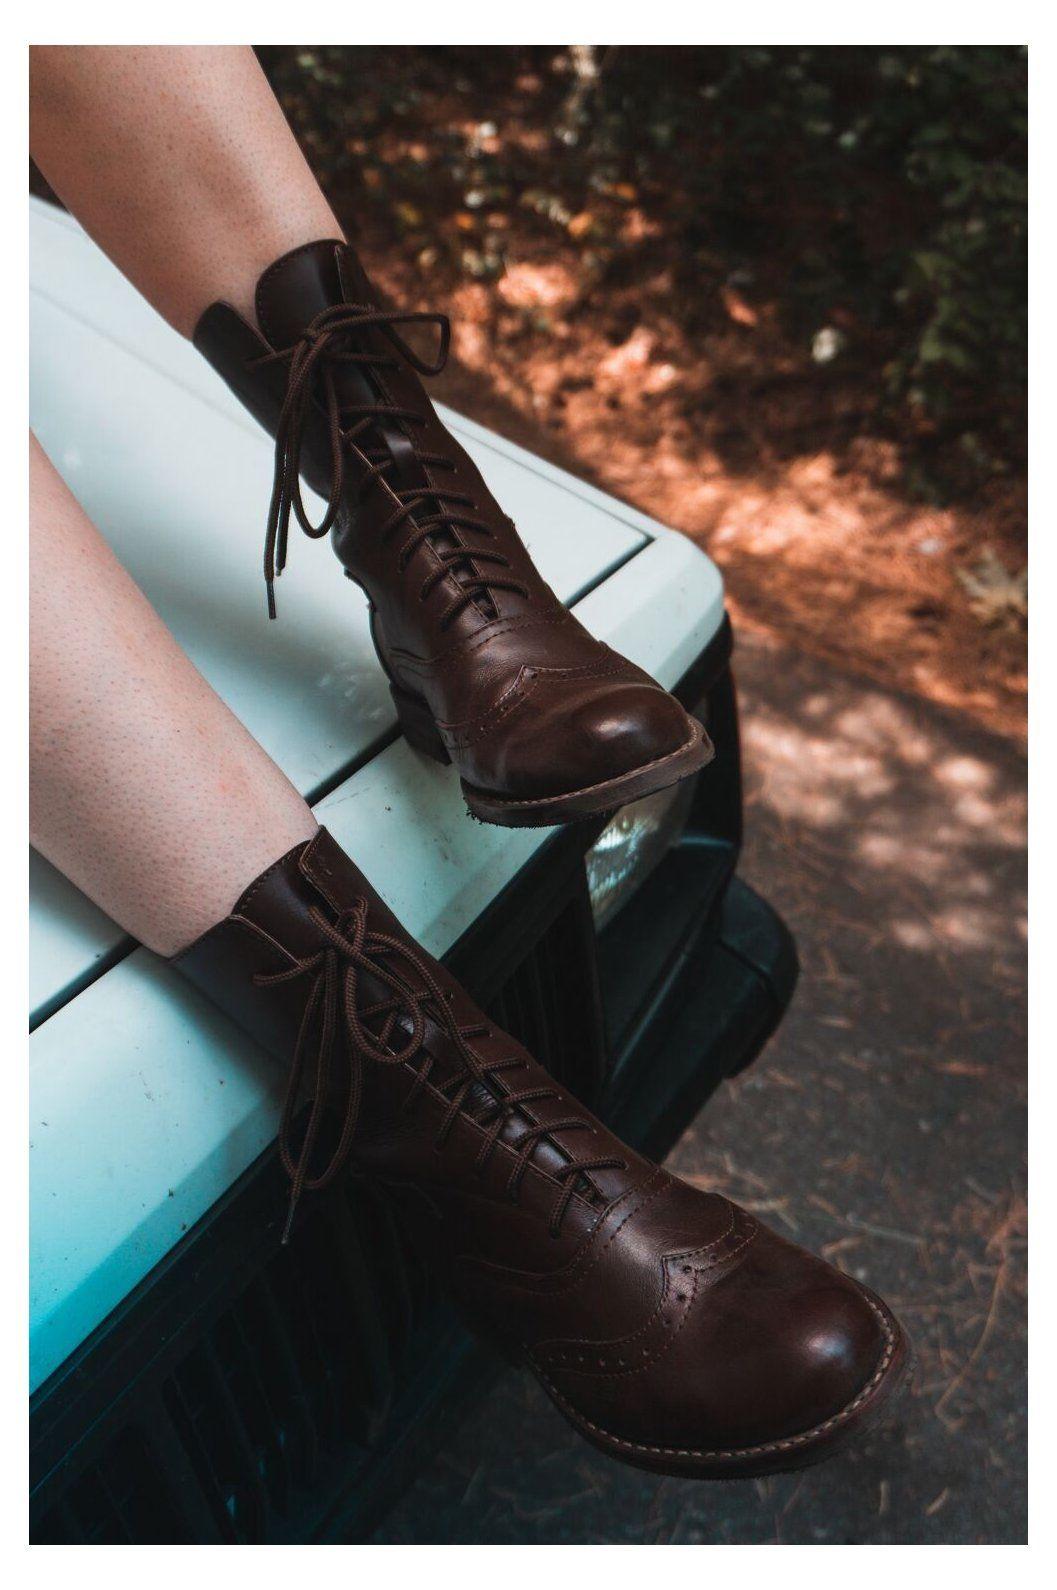 boho footwear fashion